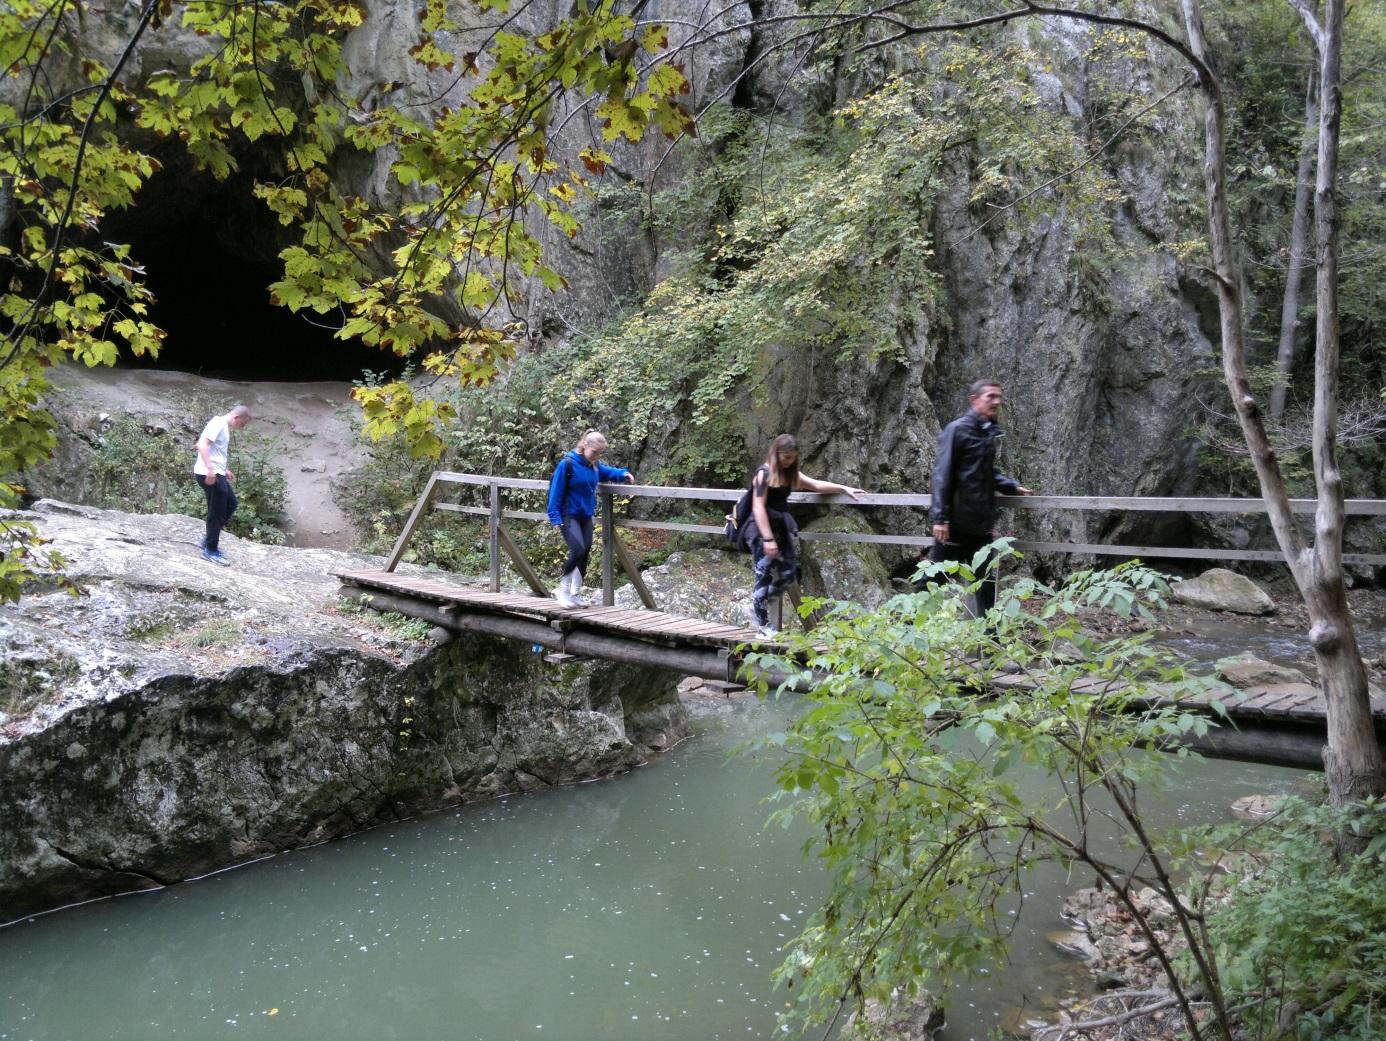 18. Az Almási - barlang felé haladva átkelés a Vargyas - patak felett egy másik függőhídon